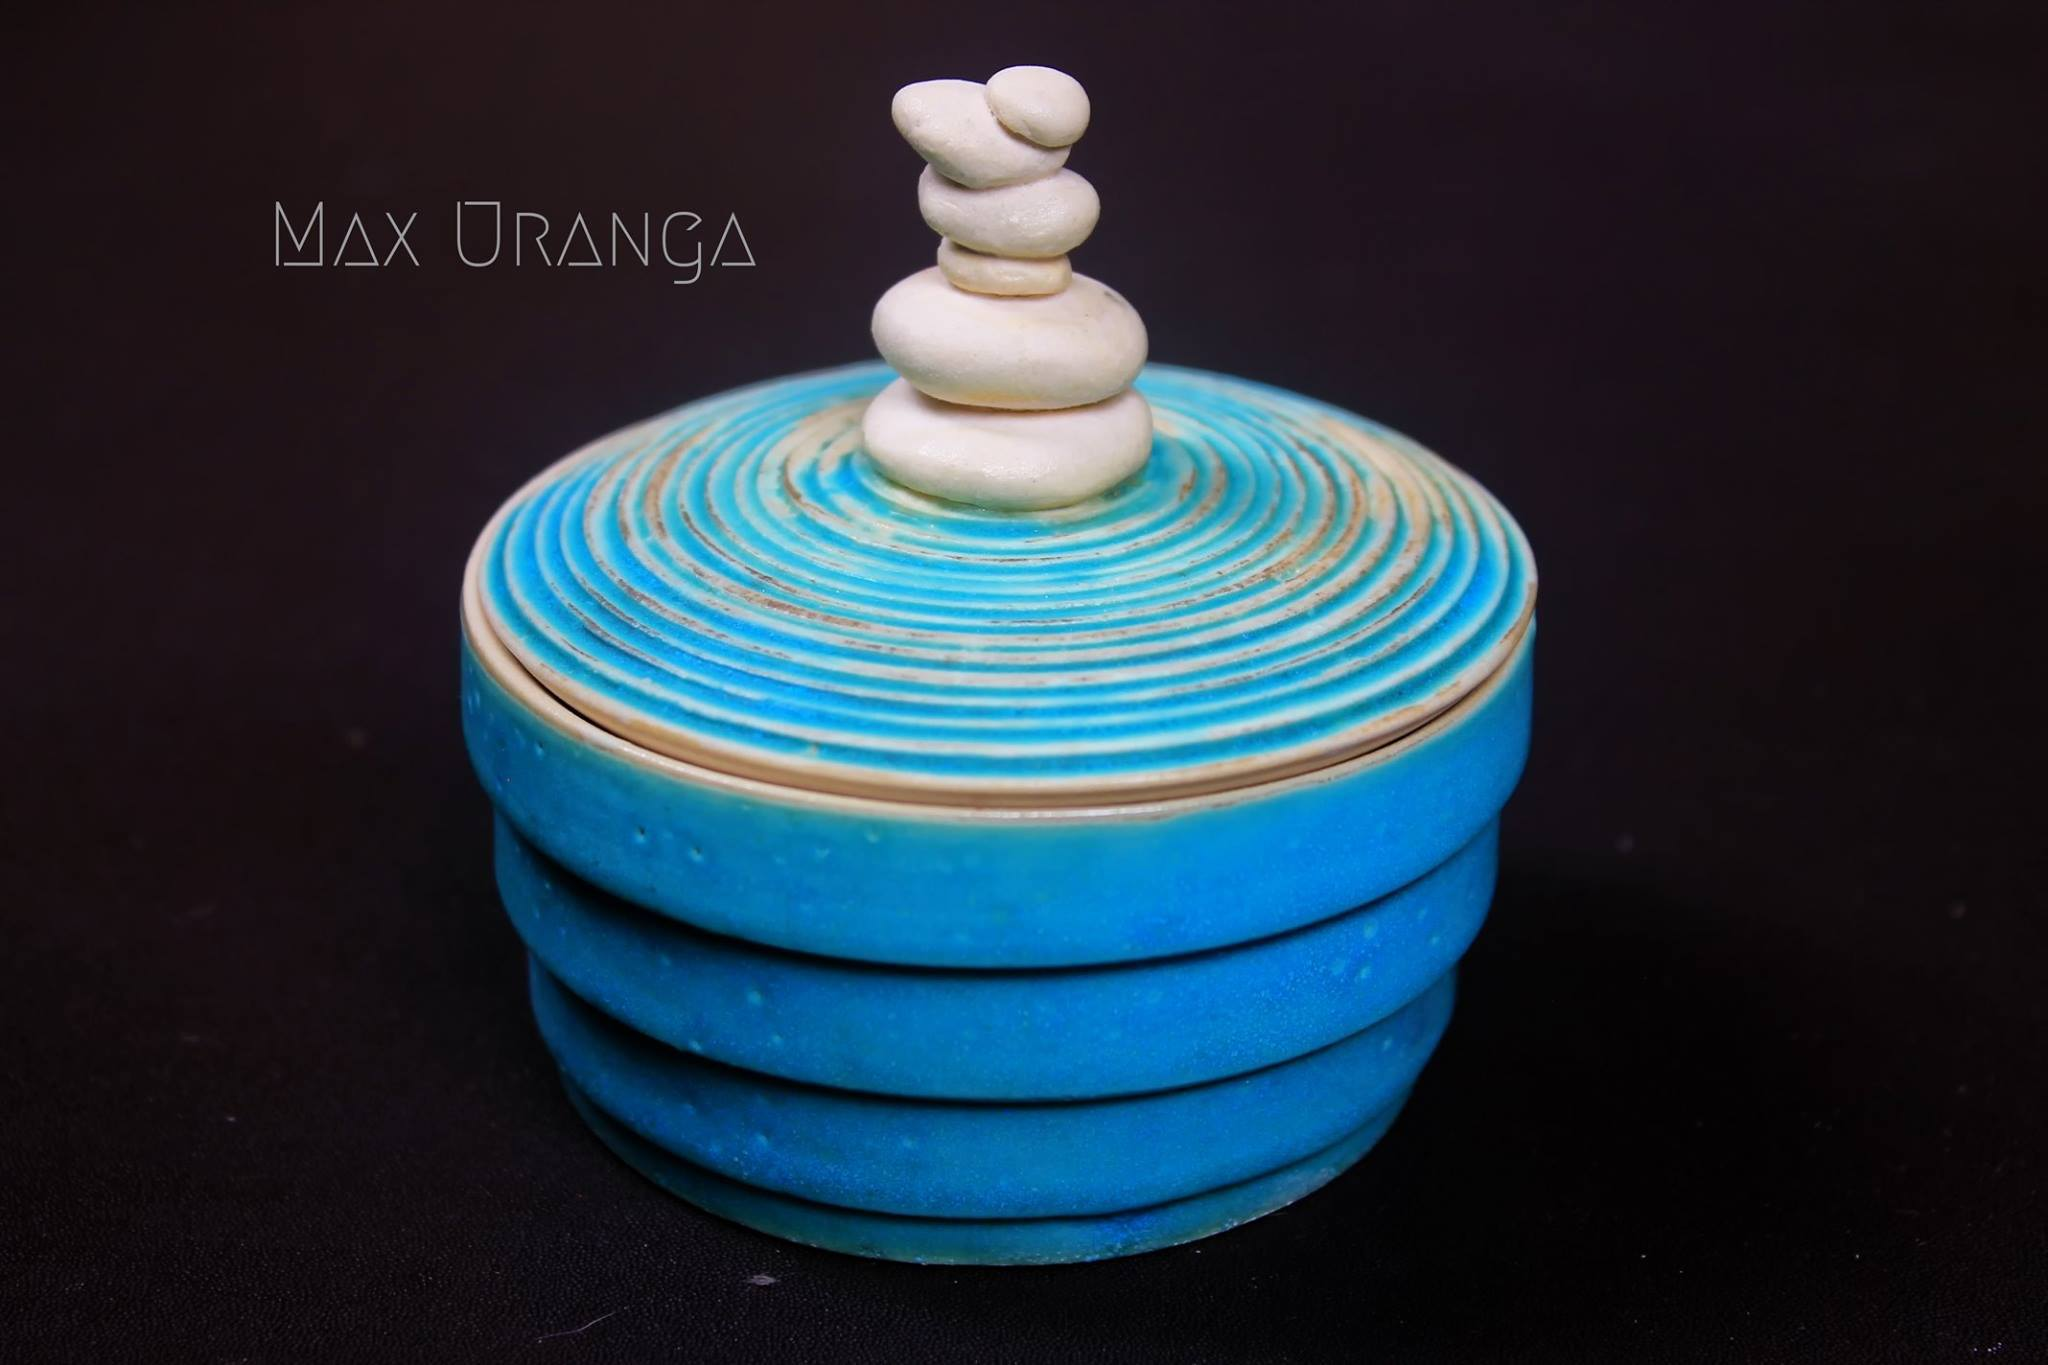 Ceramics by Max Uranga